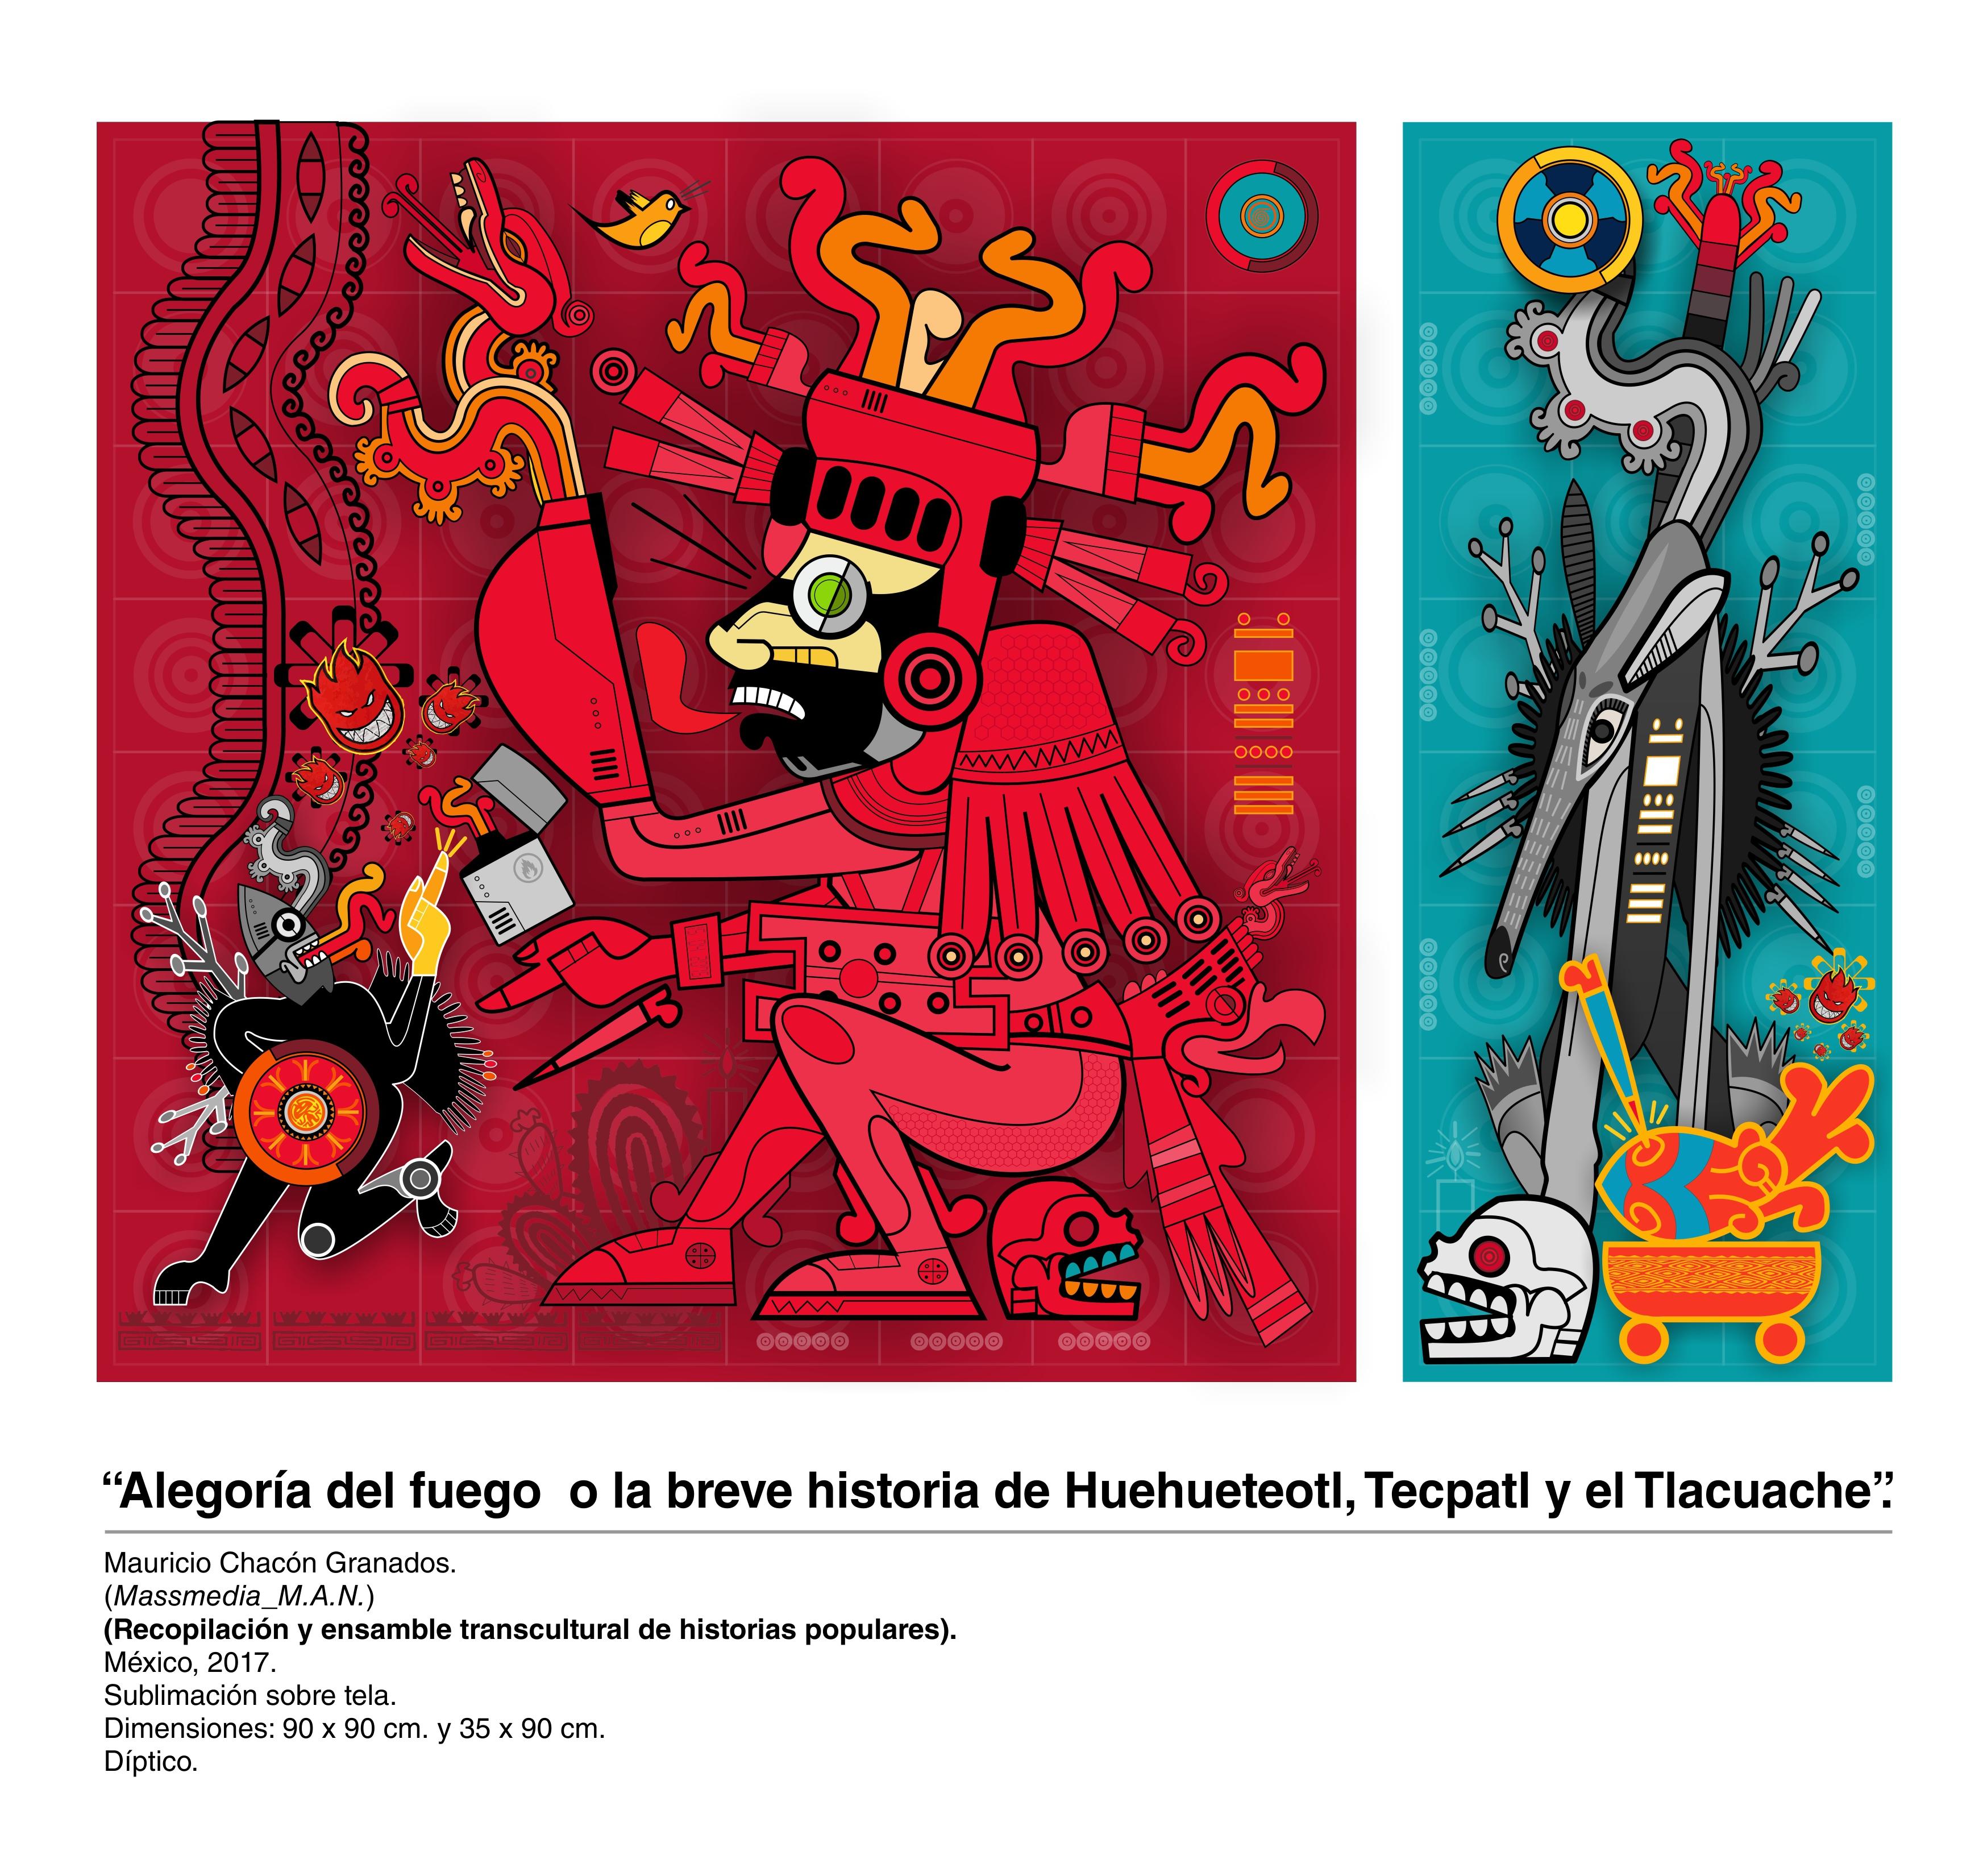 ALEGORÍA DEL FUEGO